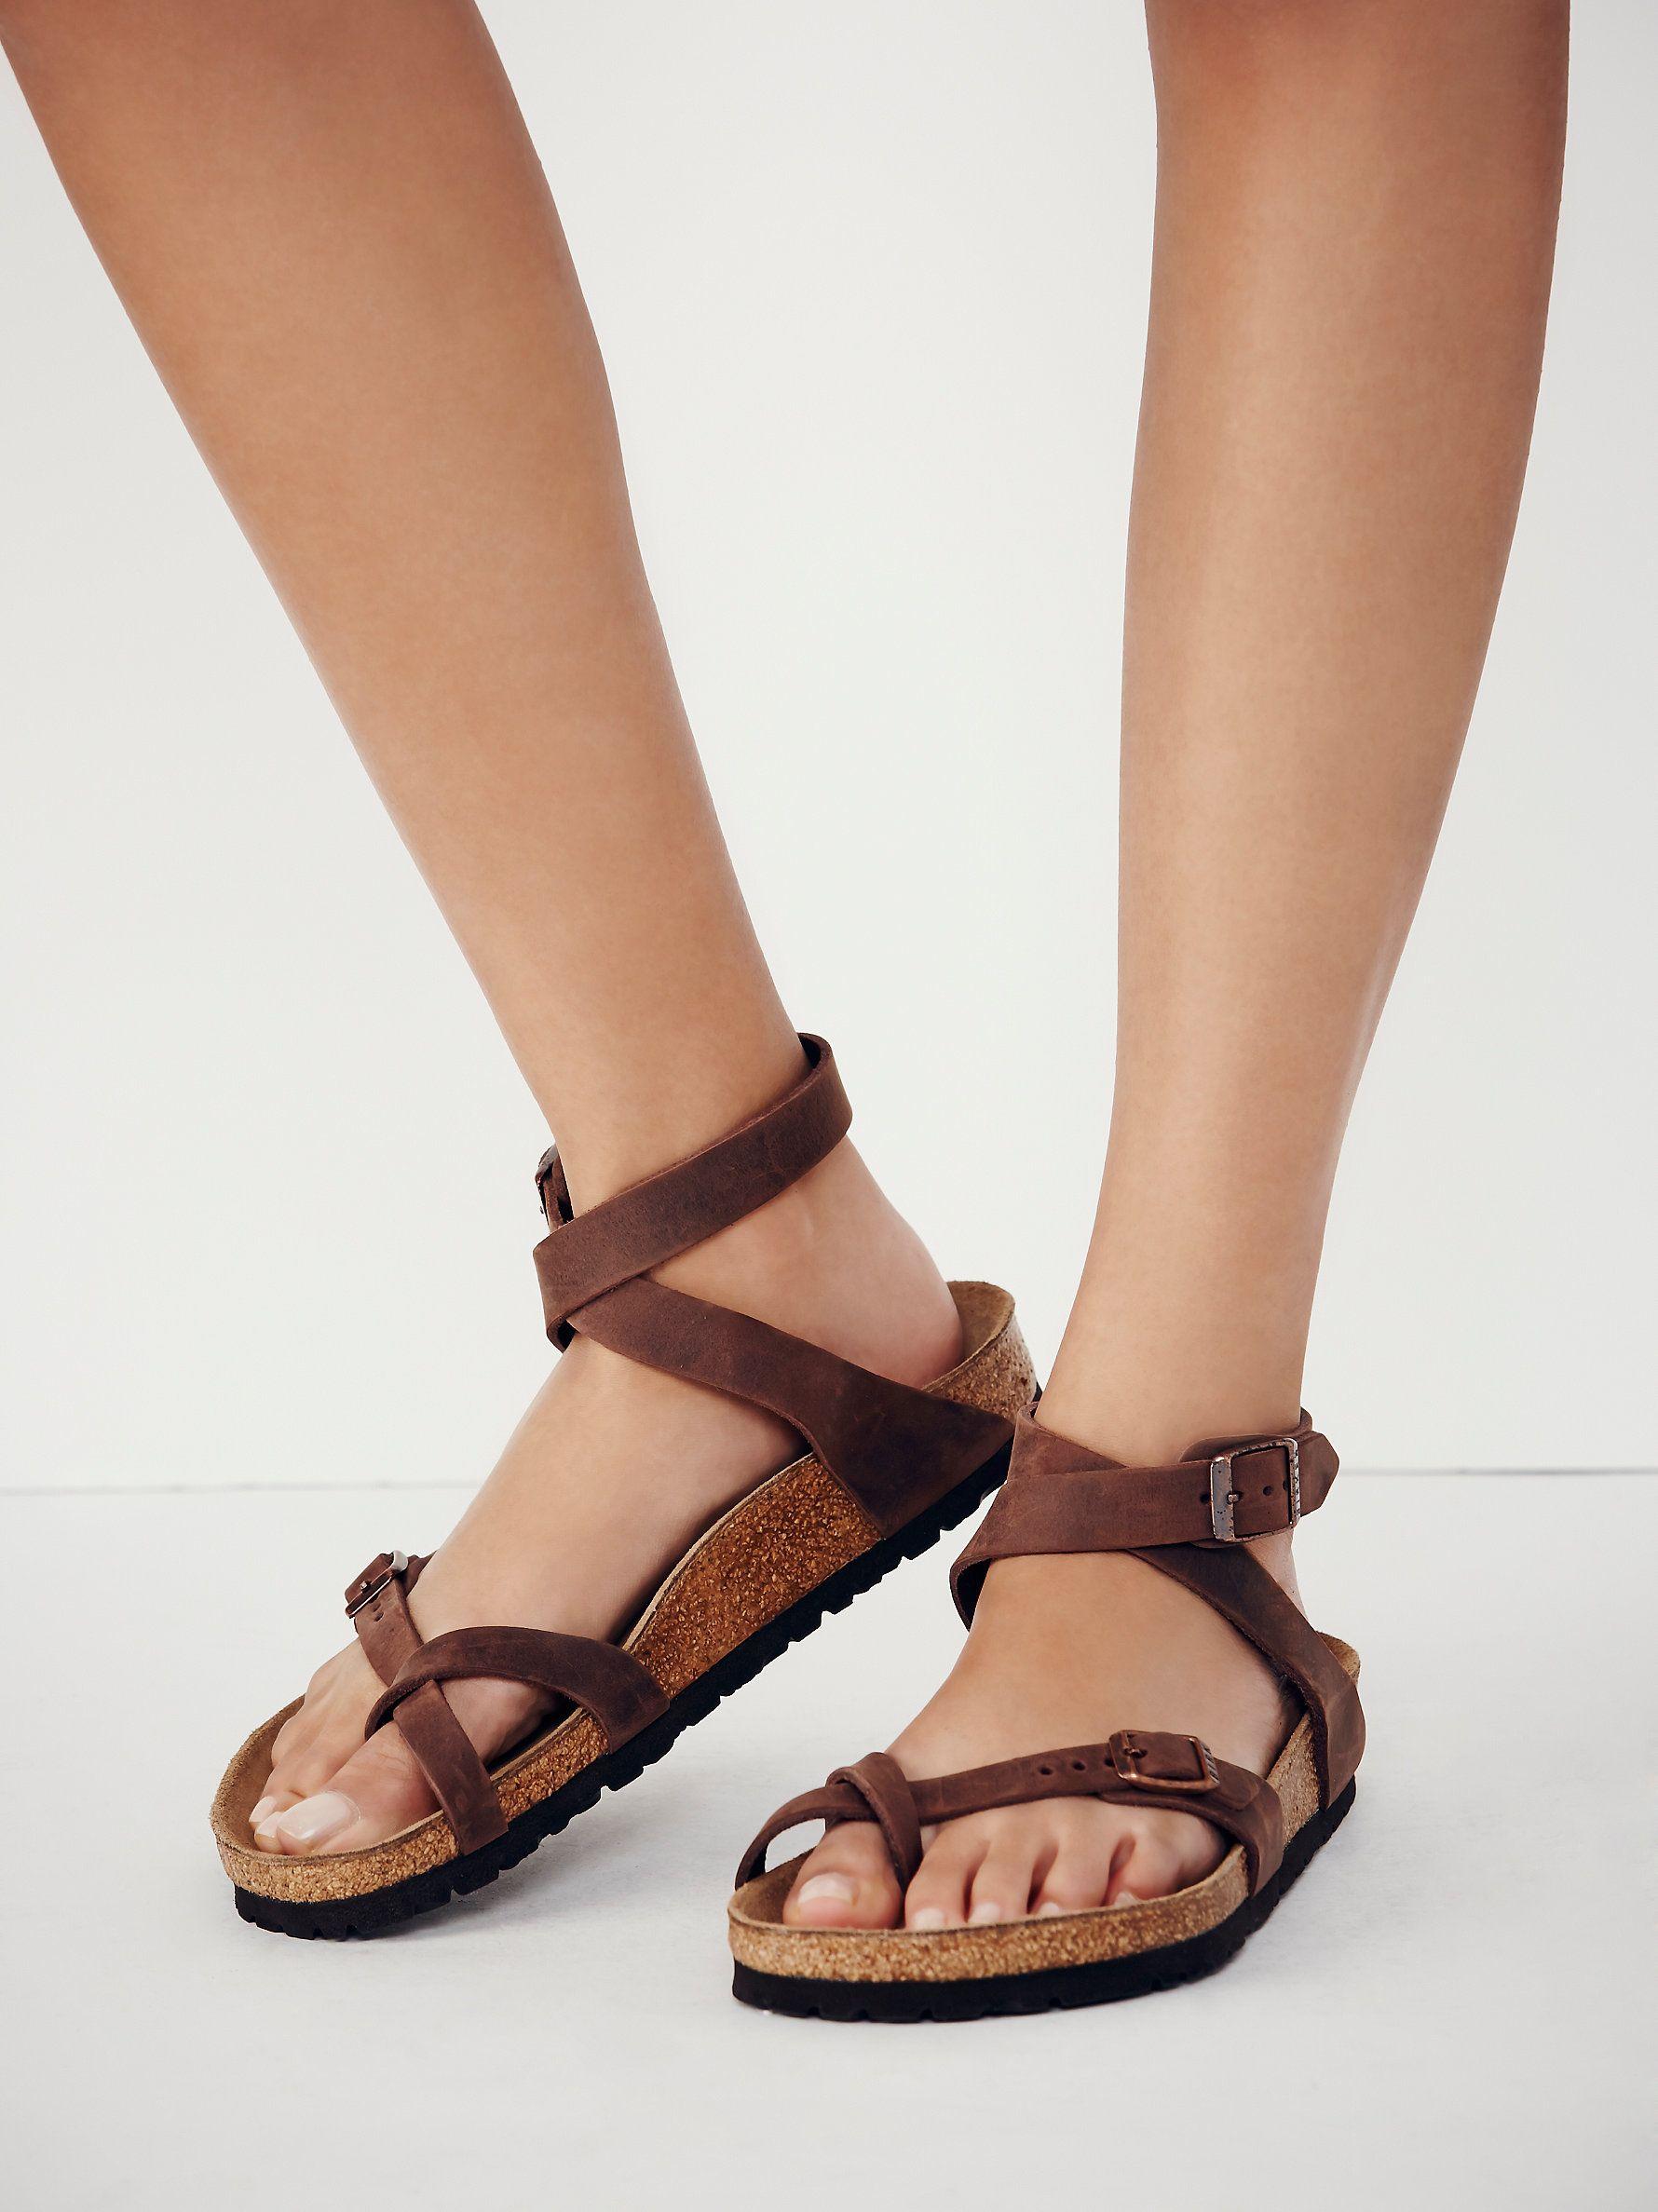 593e5ecbf937 Yara Birkenstock Sandal